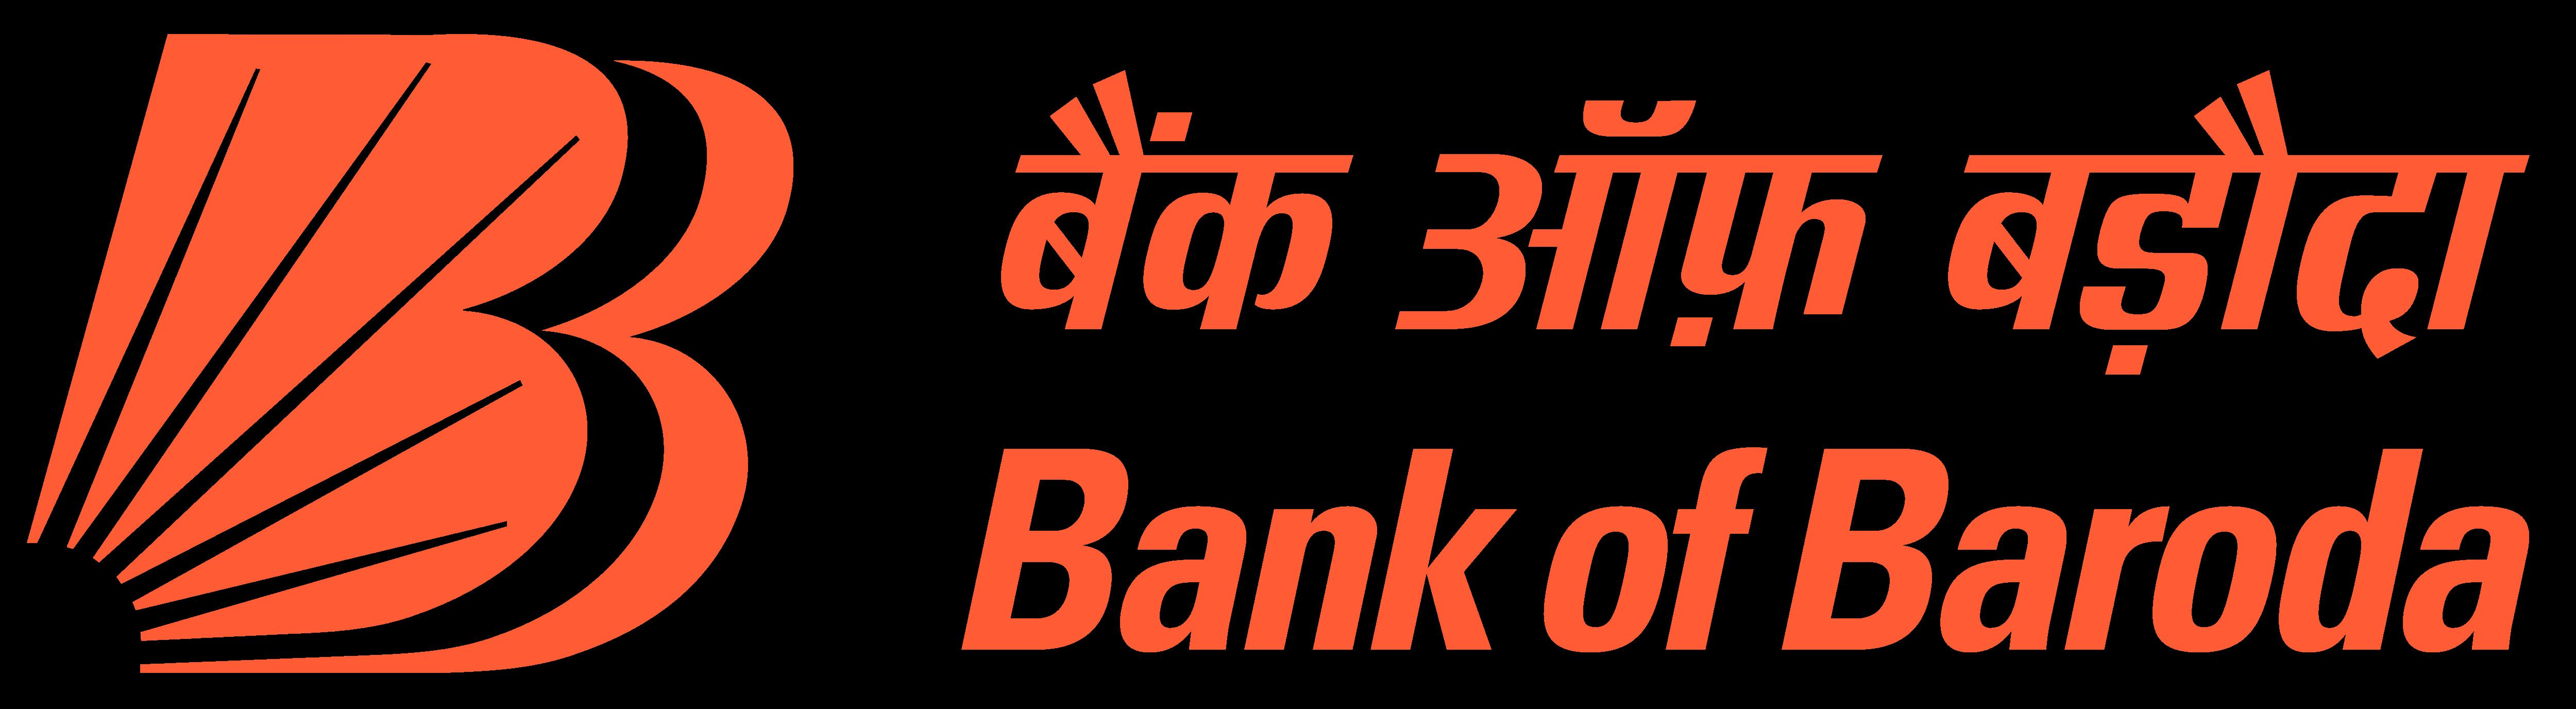 Bank Of Baroda Balance Check Number